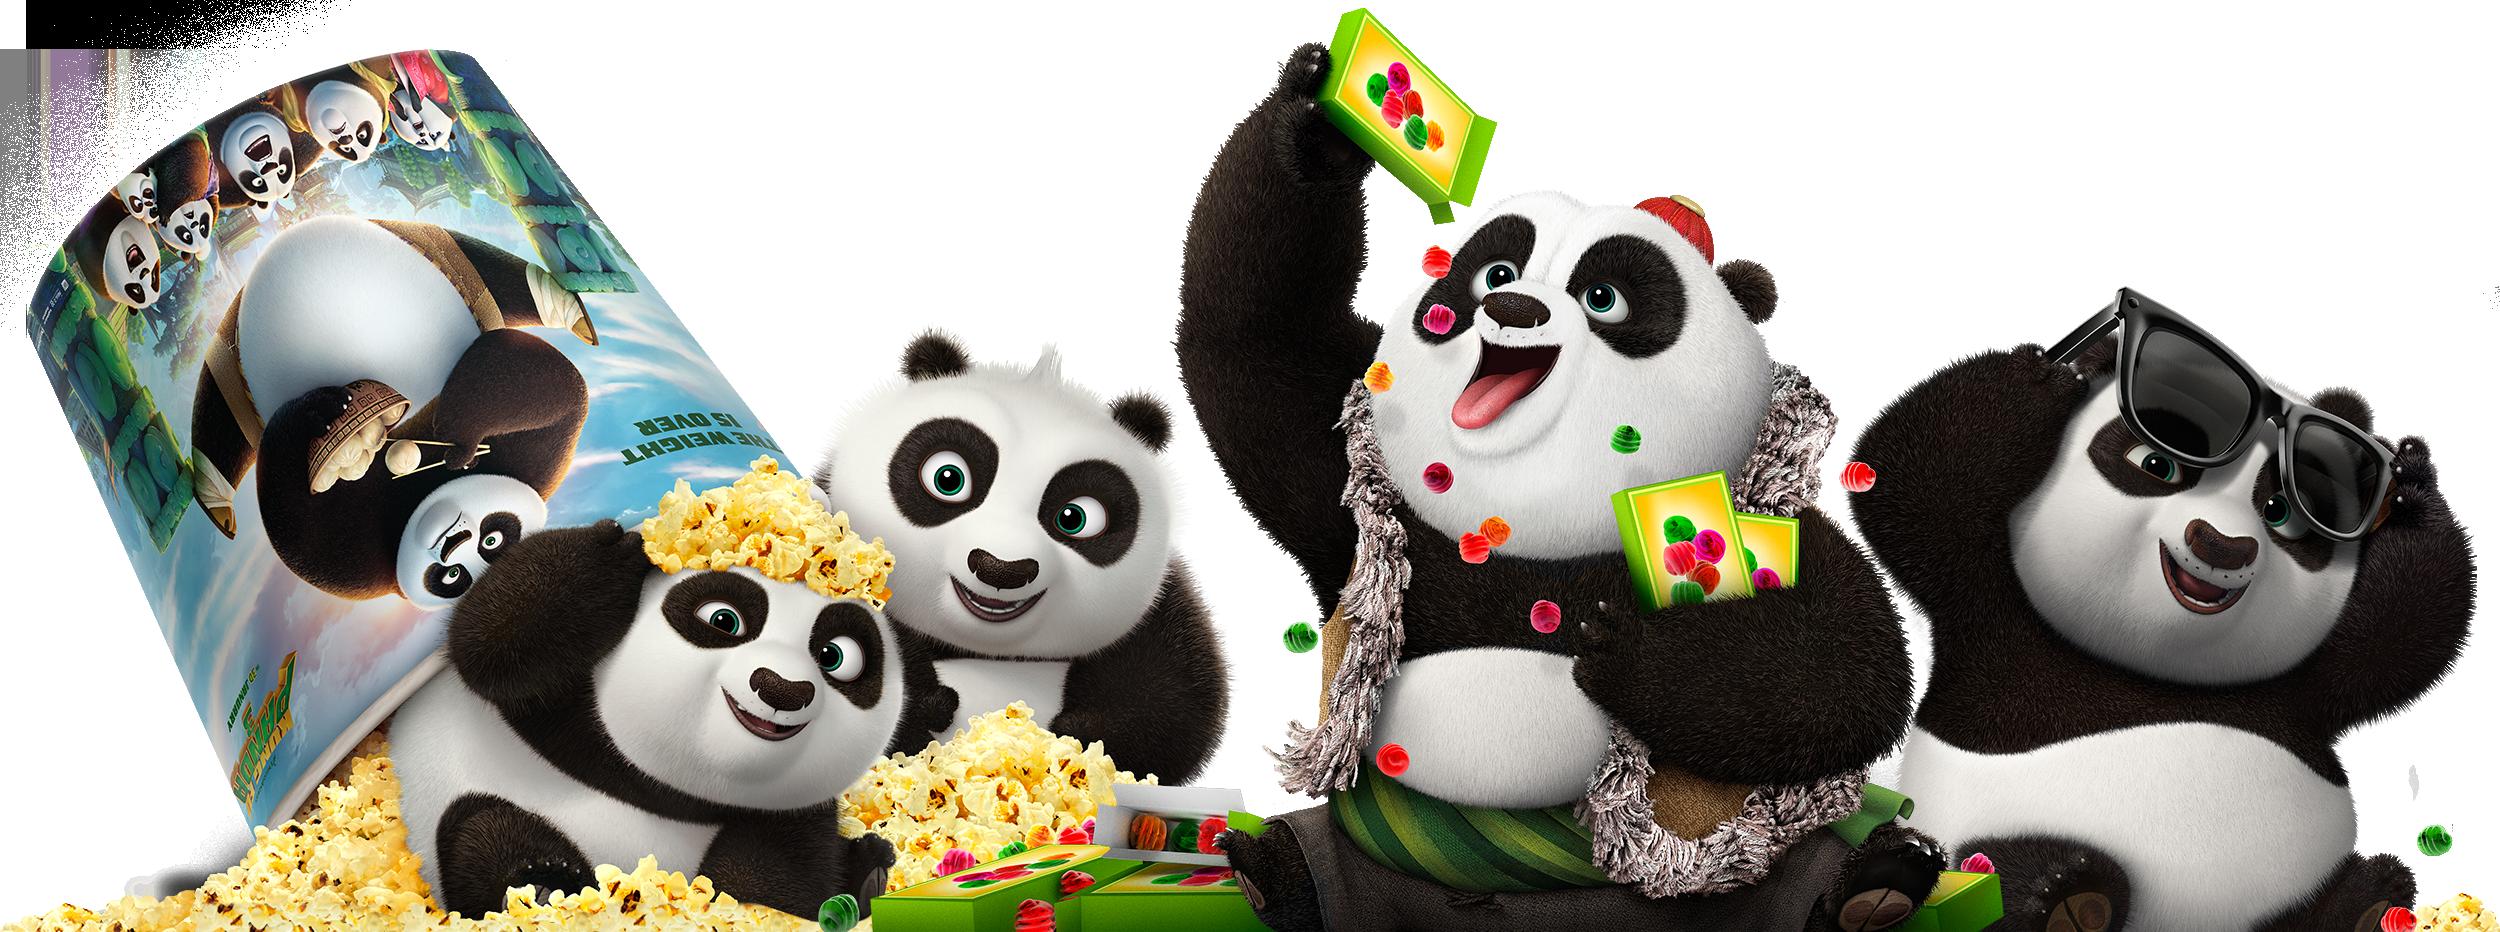 Kung Fu Panda 3   Character Clings   TEN30 Studios ...